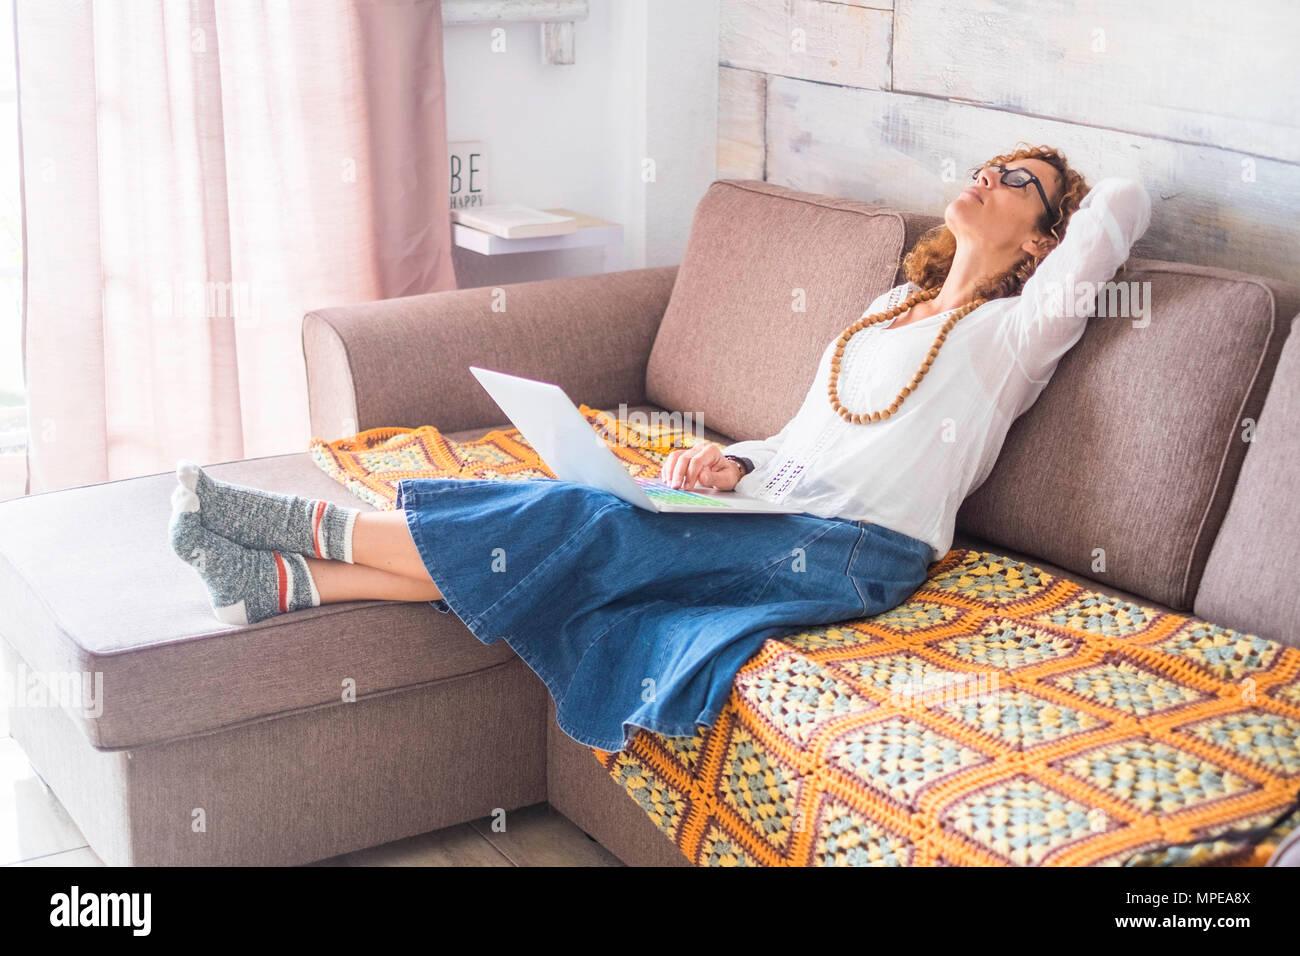 Müde oder voller Gedanken kaukasischen einsame Frau Arbeit zu Hause mit modernen Laptop farbige Schlüsselwort wie Weg des Künstlers und Lifestyle. legte sich auf das Sofa l Stockbild